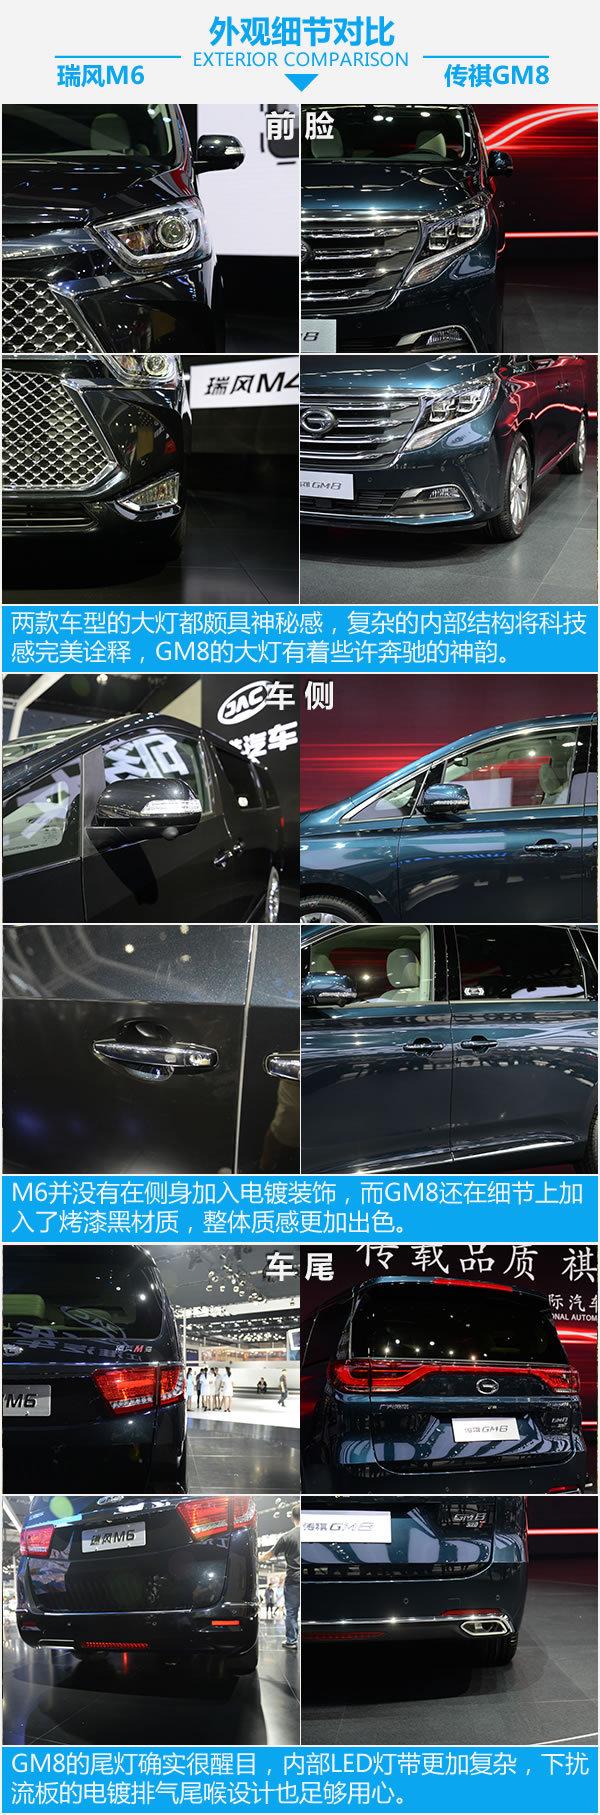 MPV新车硬碰硬 江淮瑞风M6对比广汽传祺GM8-图5